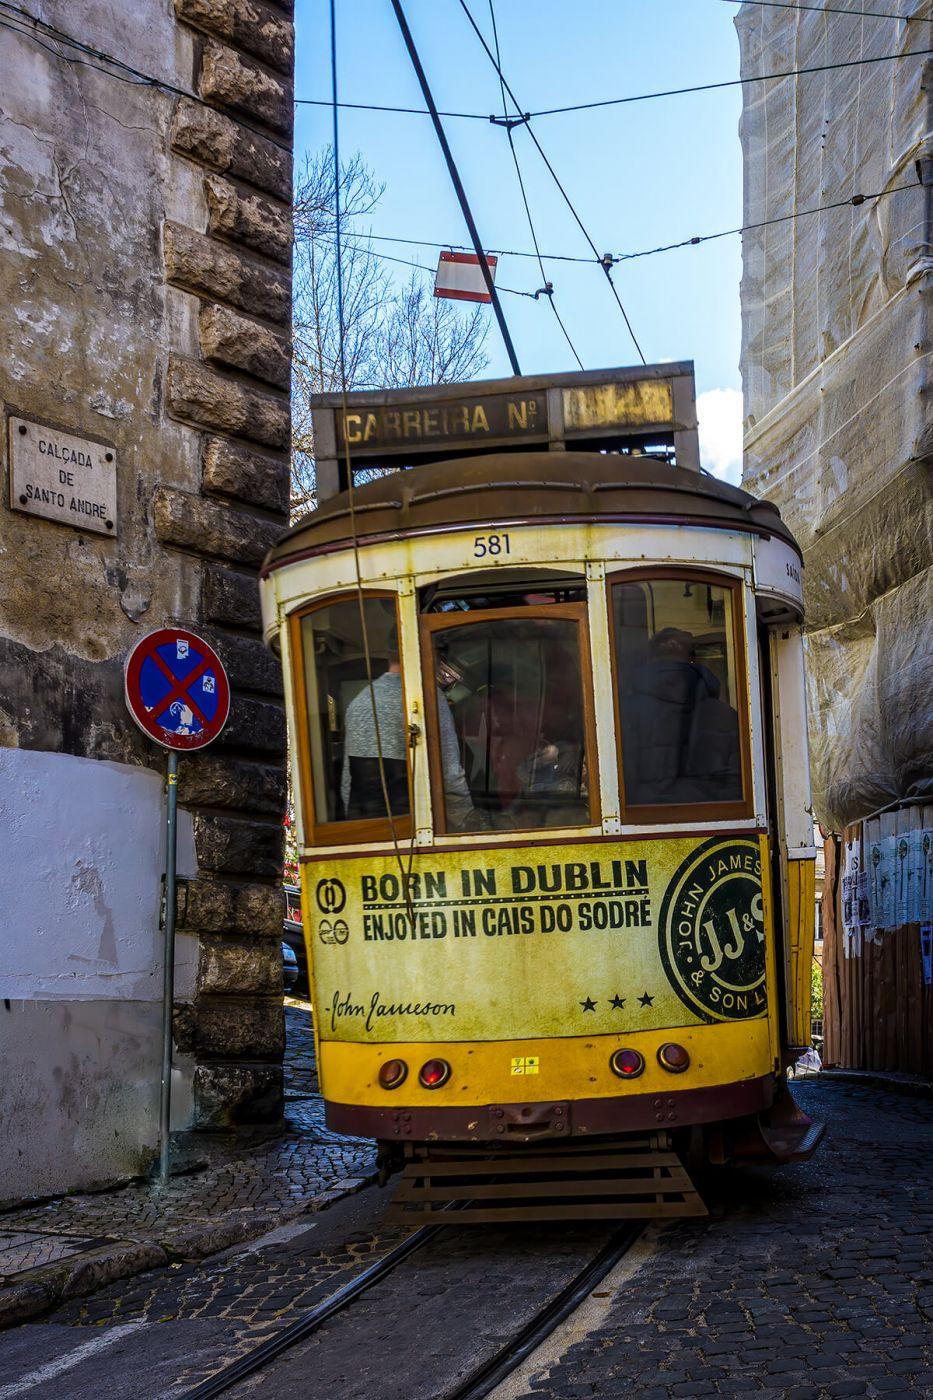 Calçada de Santo André, Portugal